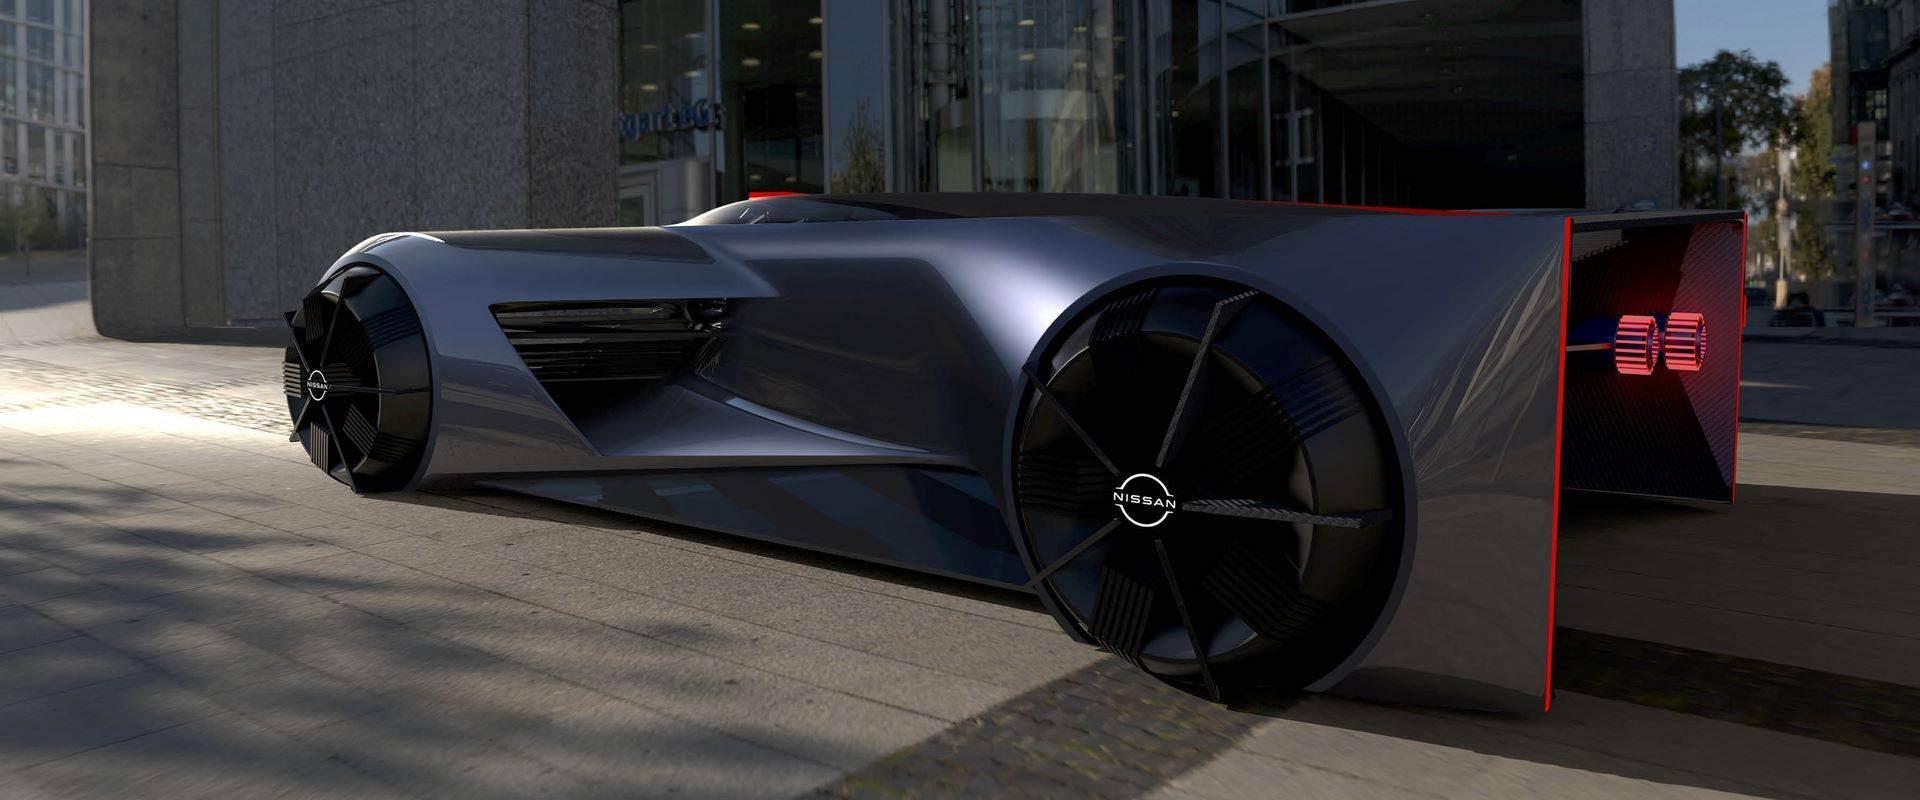 Nissan-GT-R-X-2050-Concept-24